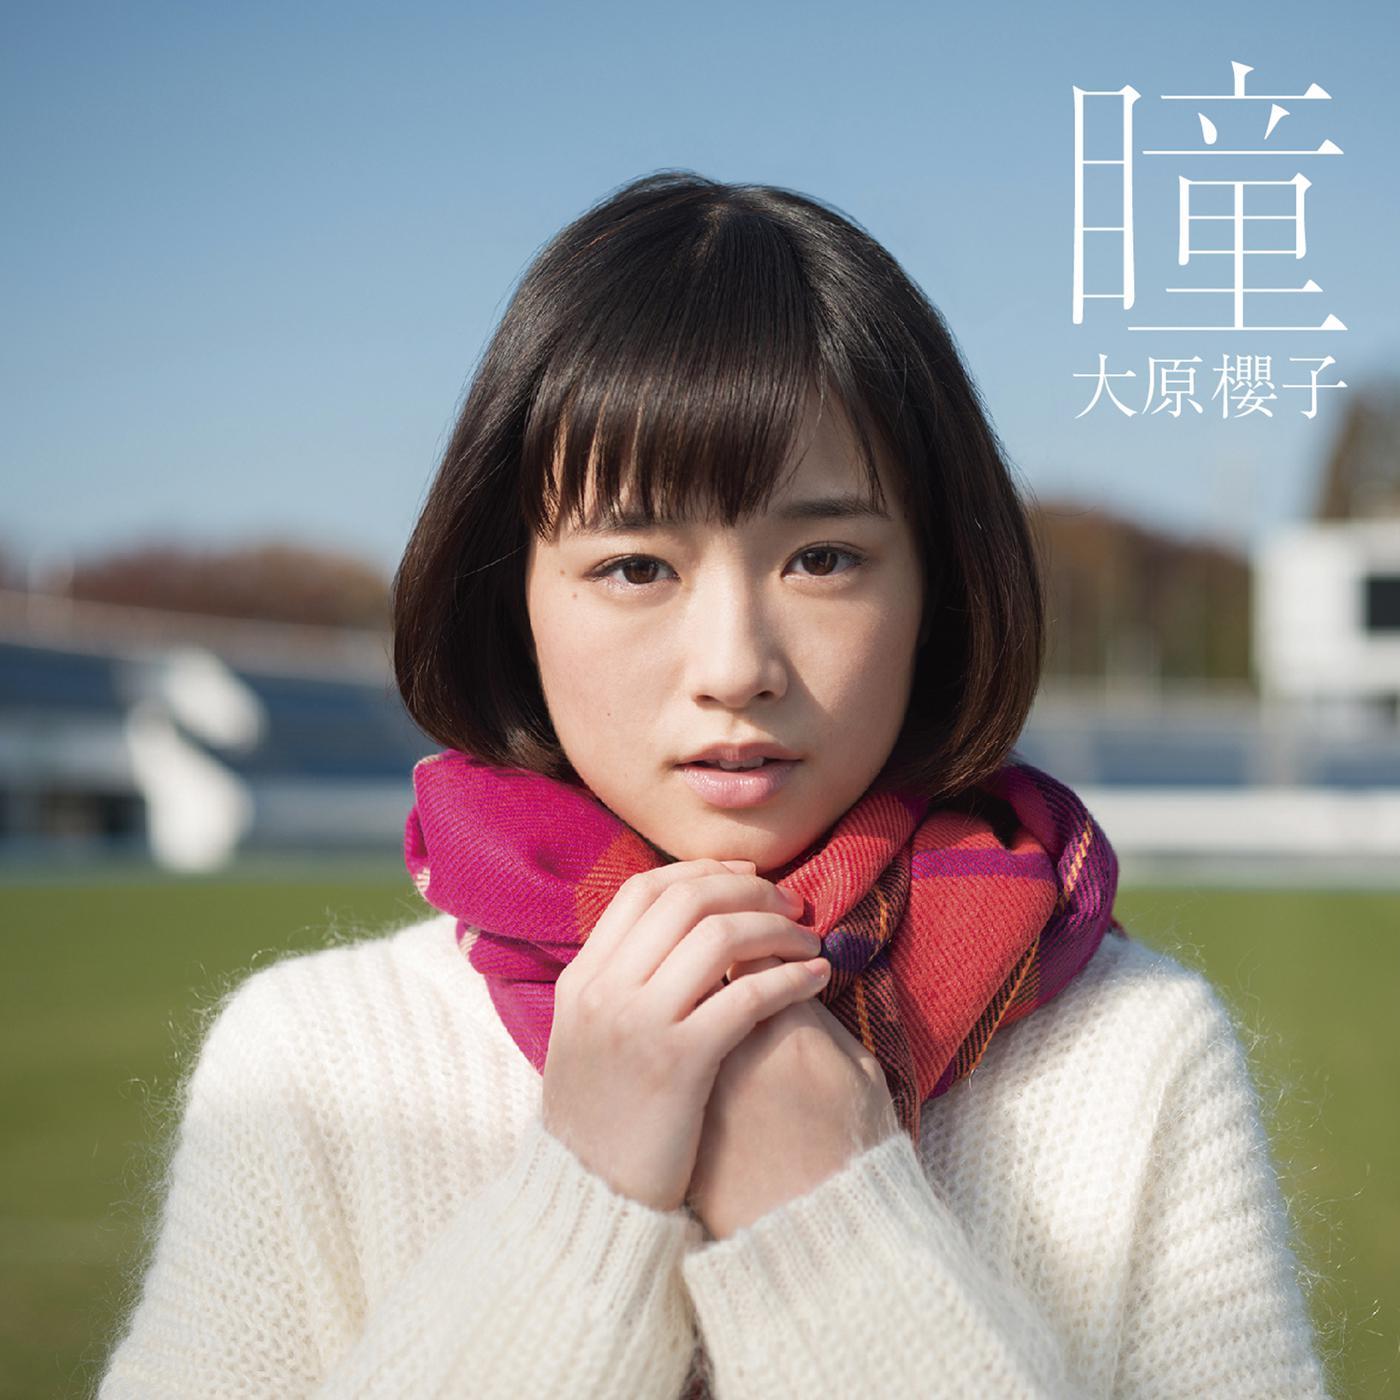 第66届红白歌合战歌手出场顺序 曲目发表 卖萌